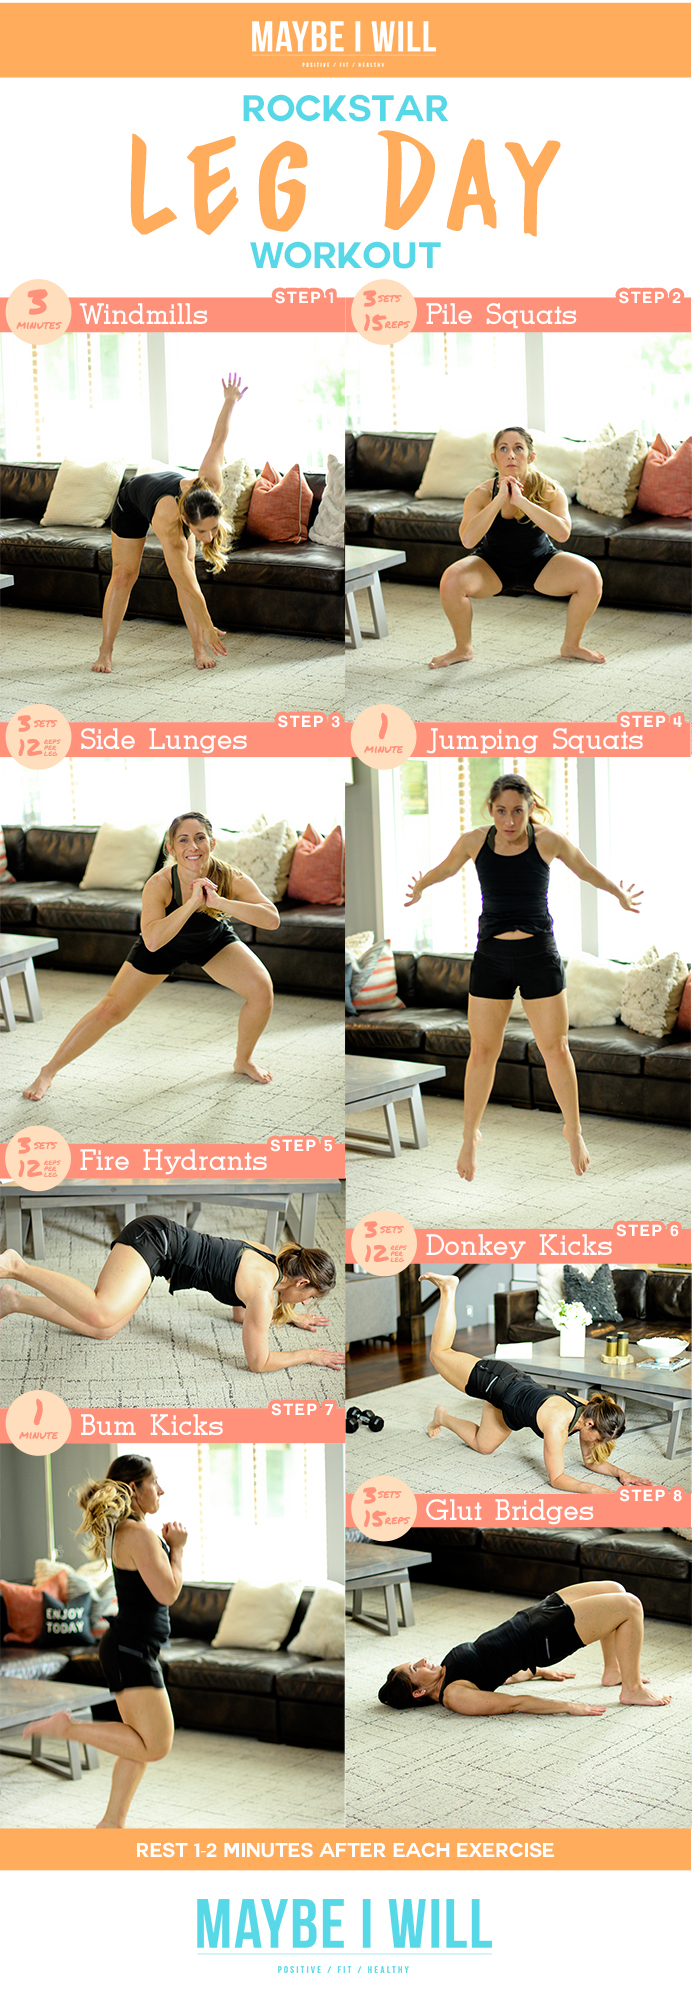 Rockstar Leg Day Workout